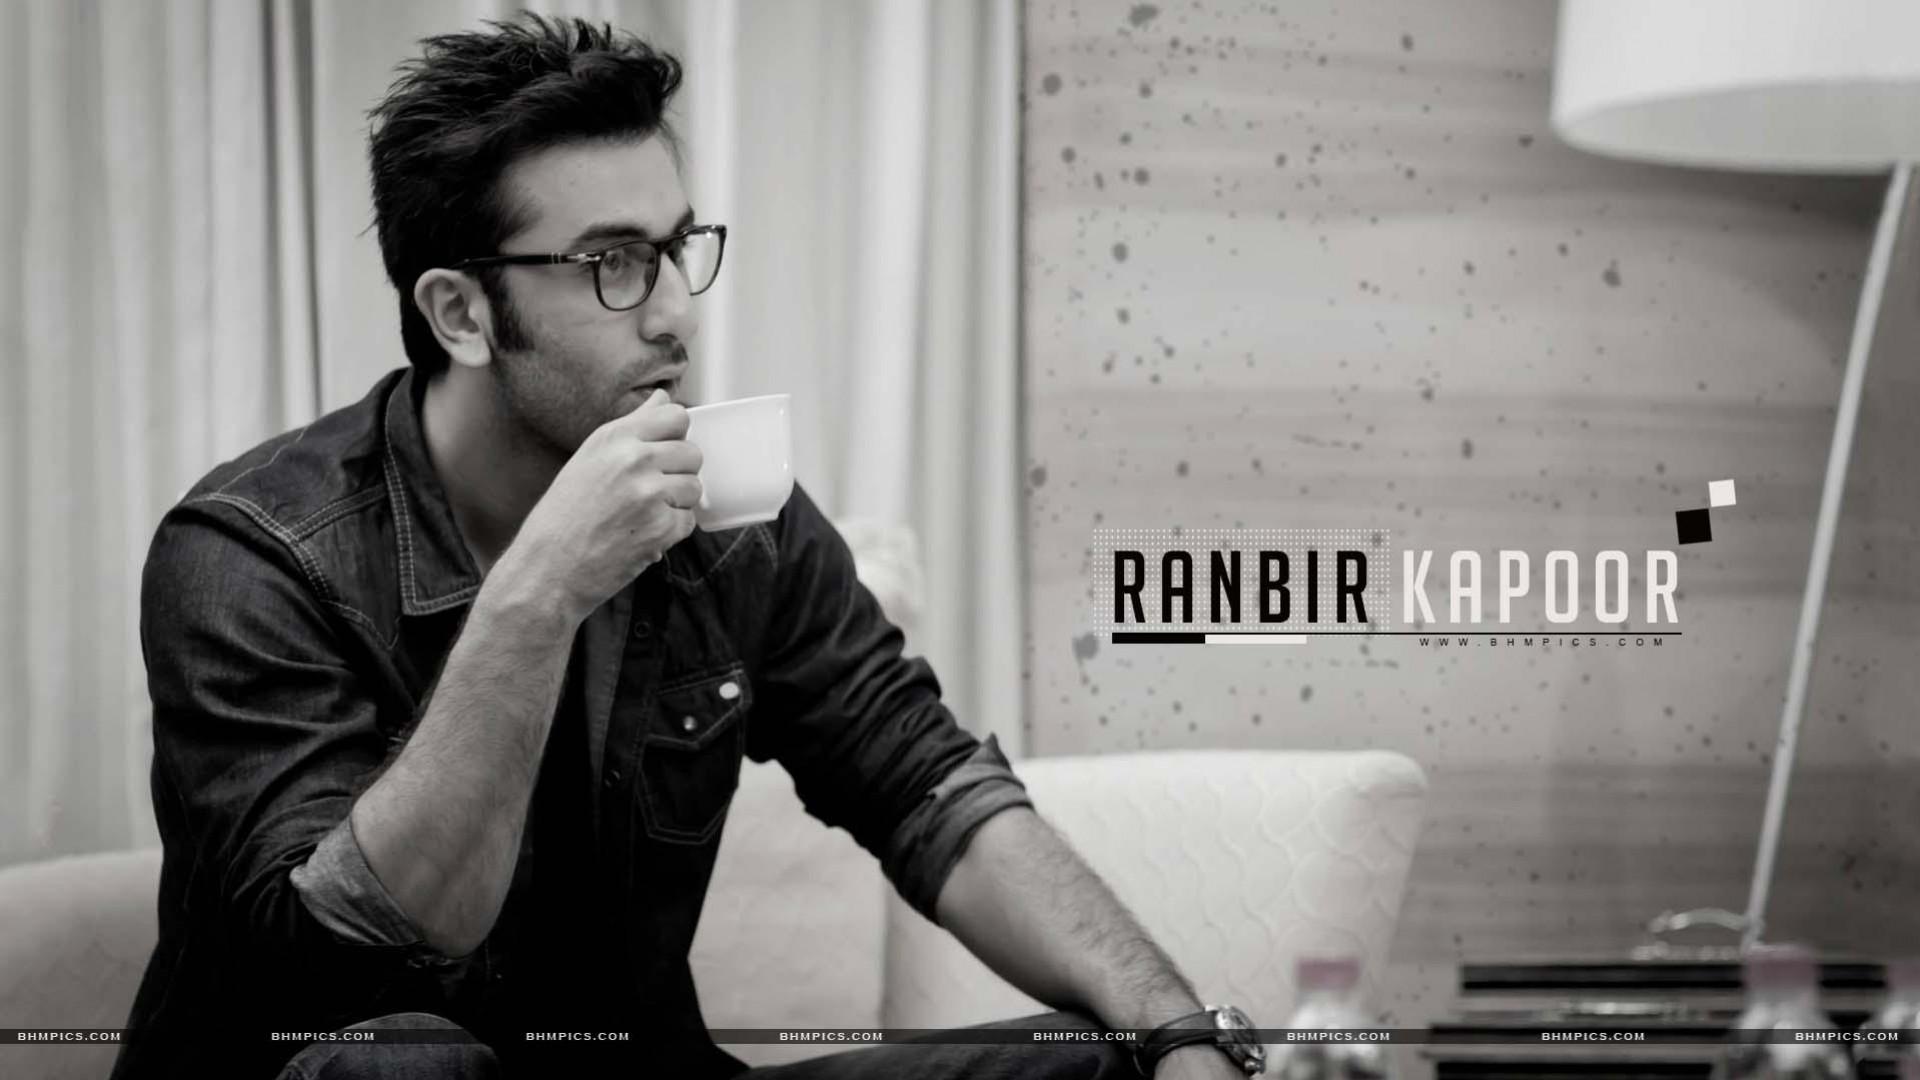 wallpaper Ranbir Kapoor Indian actor handsome man drinking 1920x1080